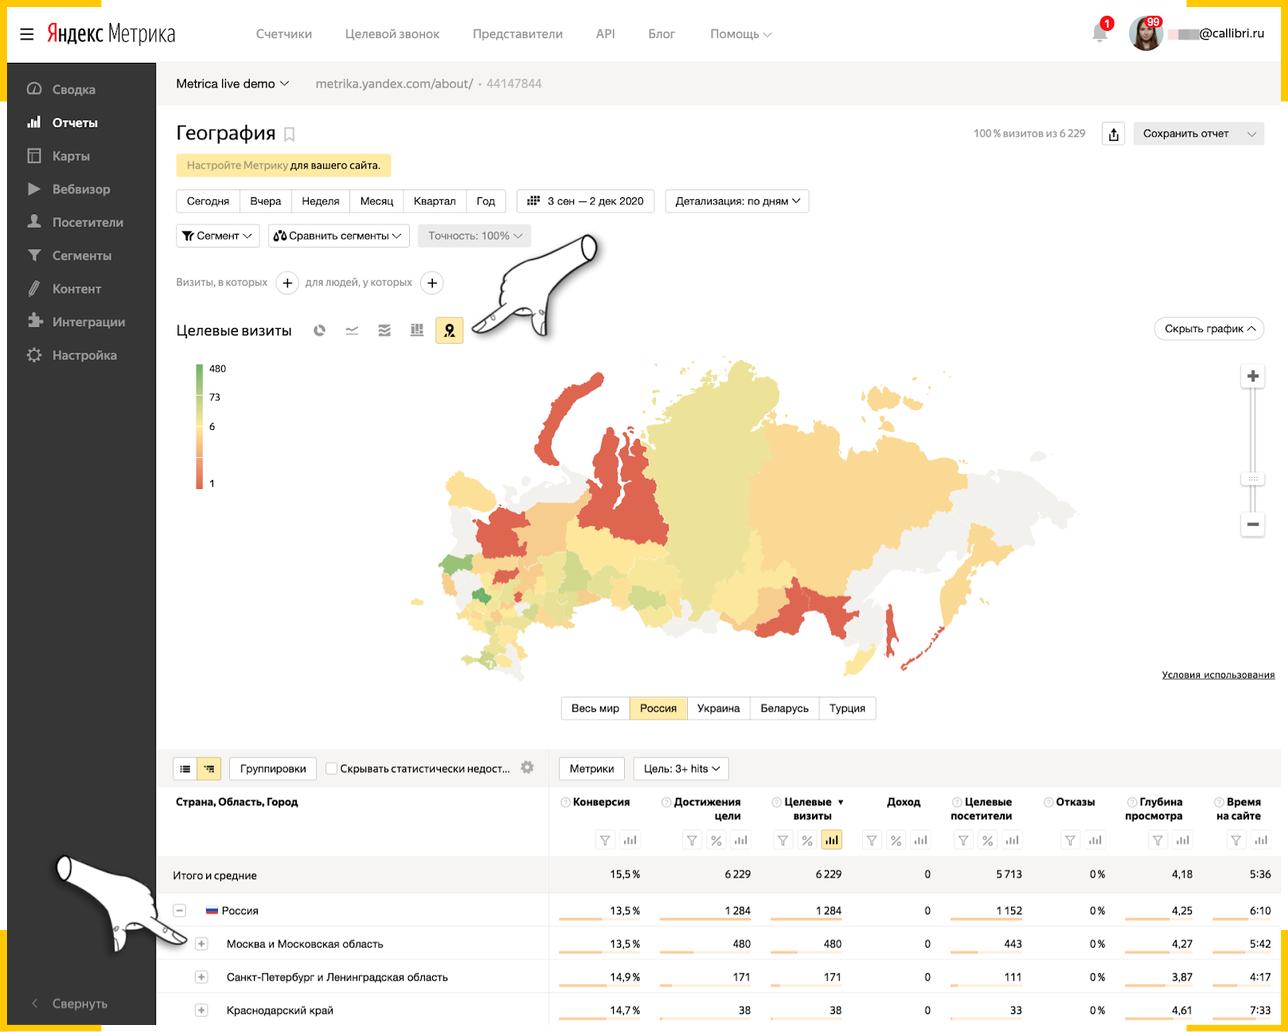 """Отчет """"География"""" покажет, в каких регионах есть ваша целевая аудитория"""